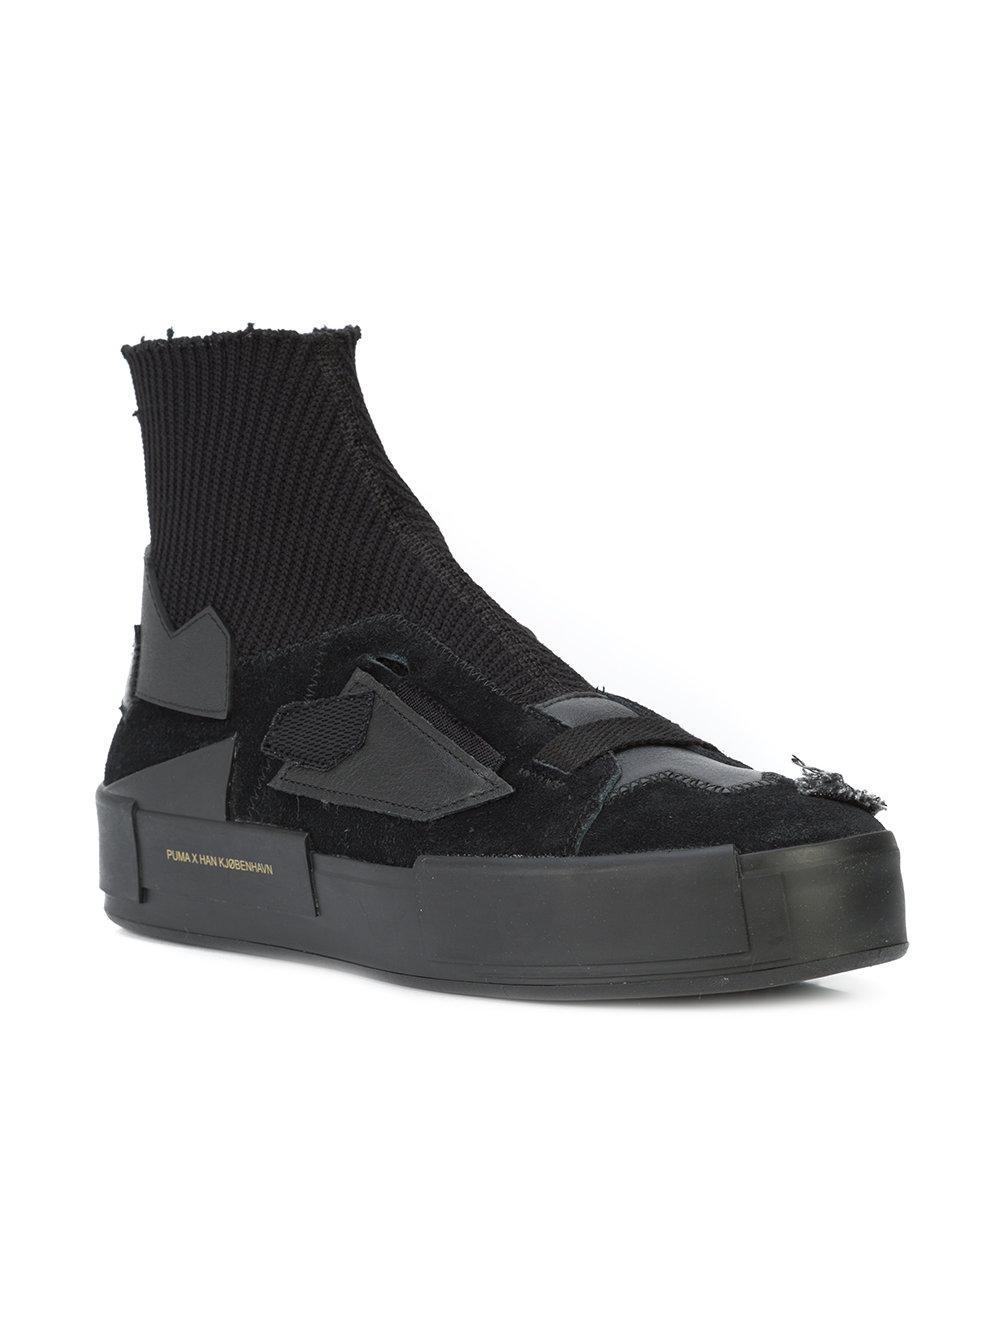 Court Platform Han Hi top Sneakers